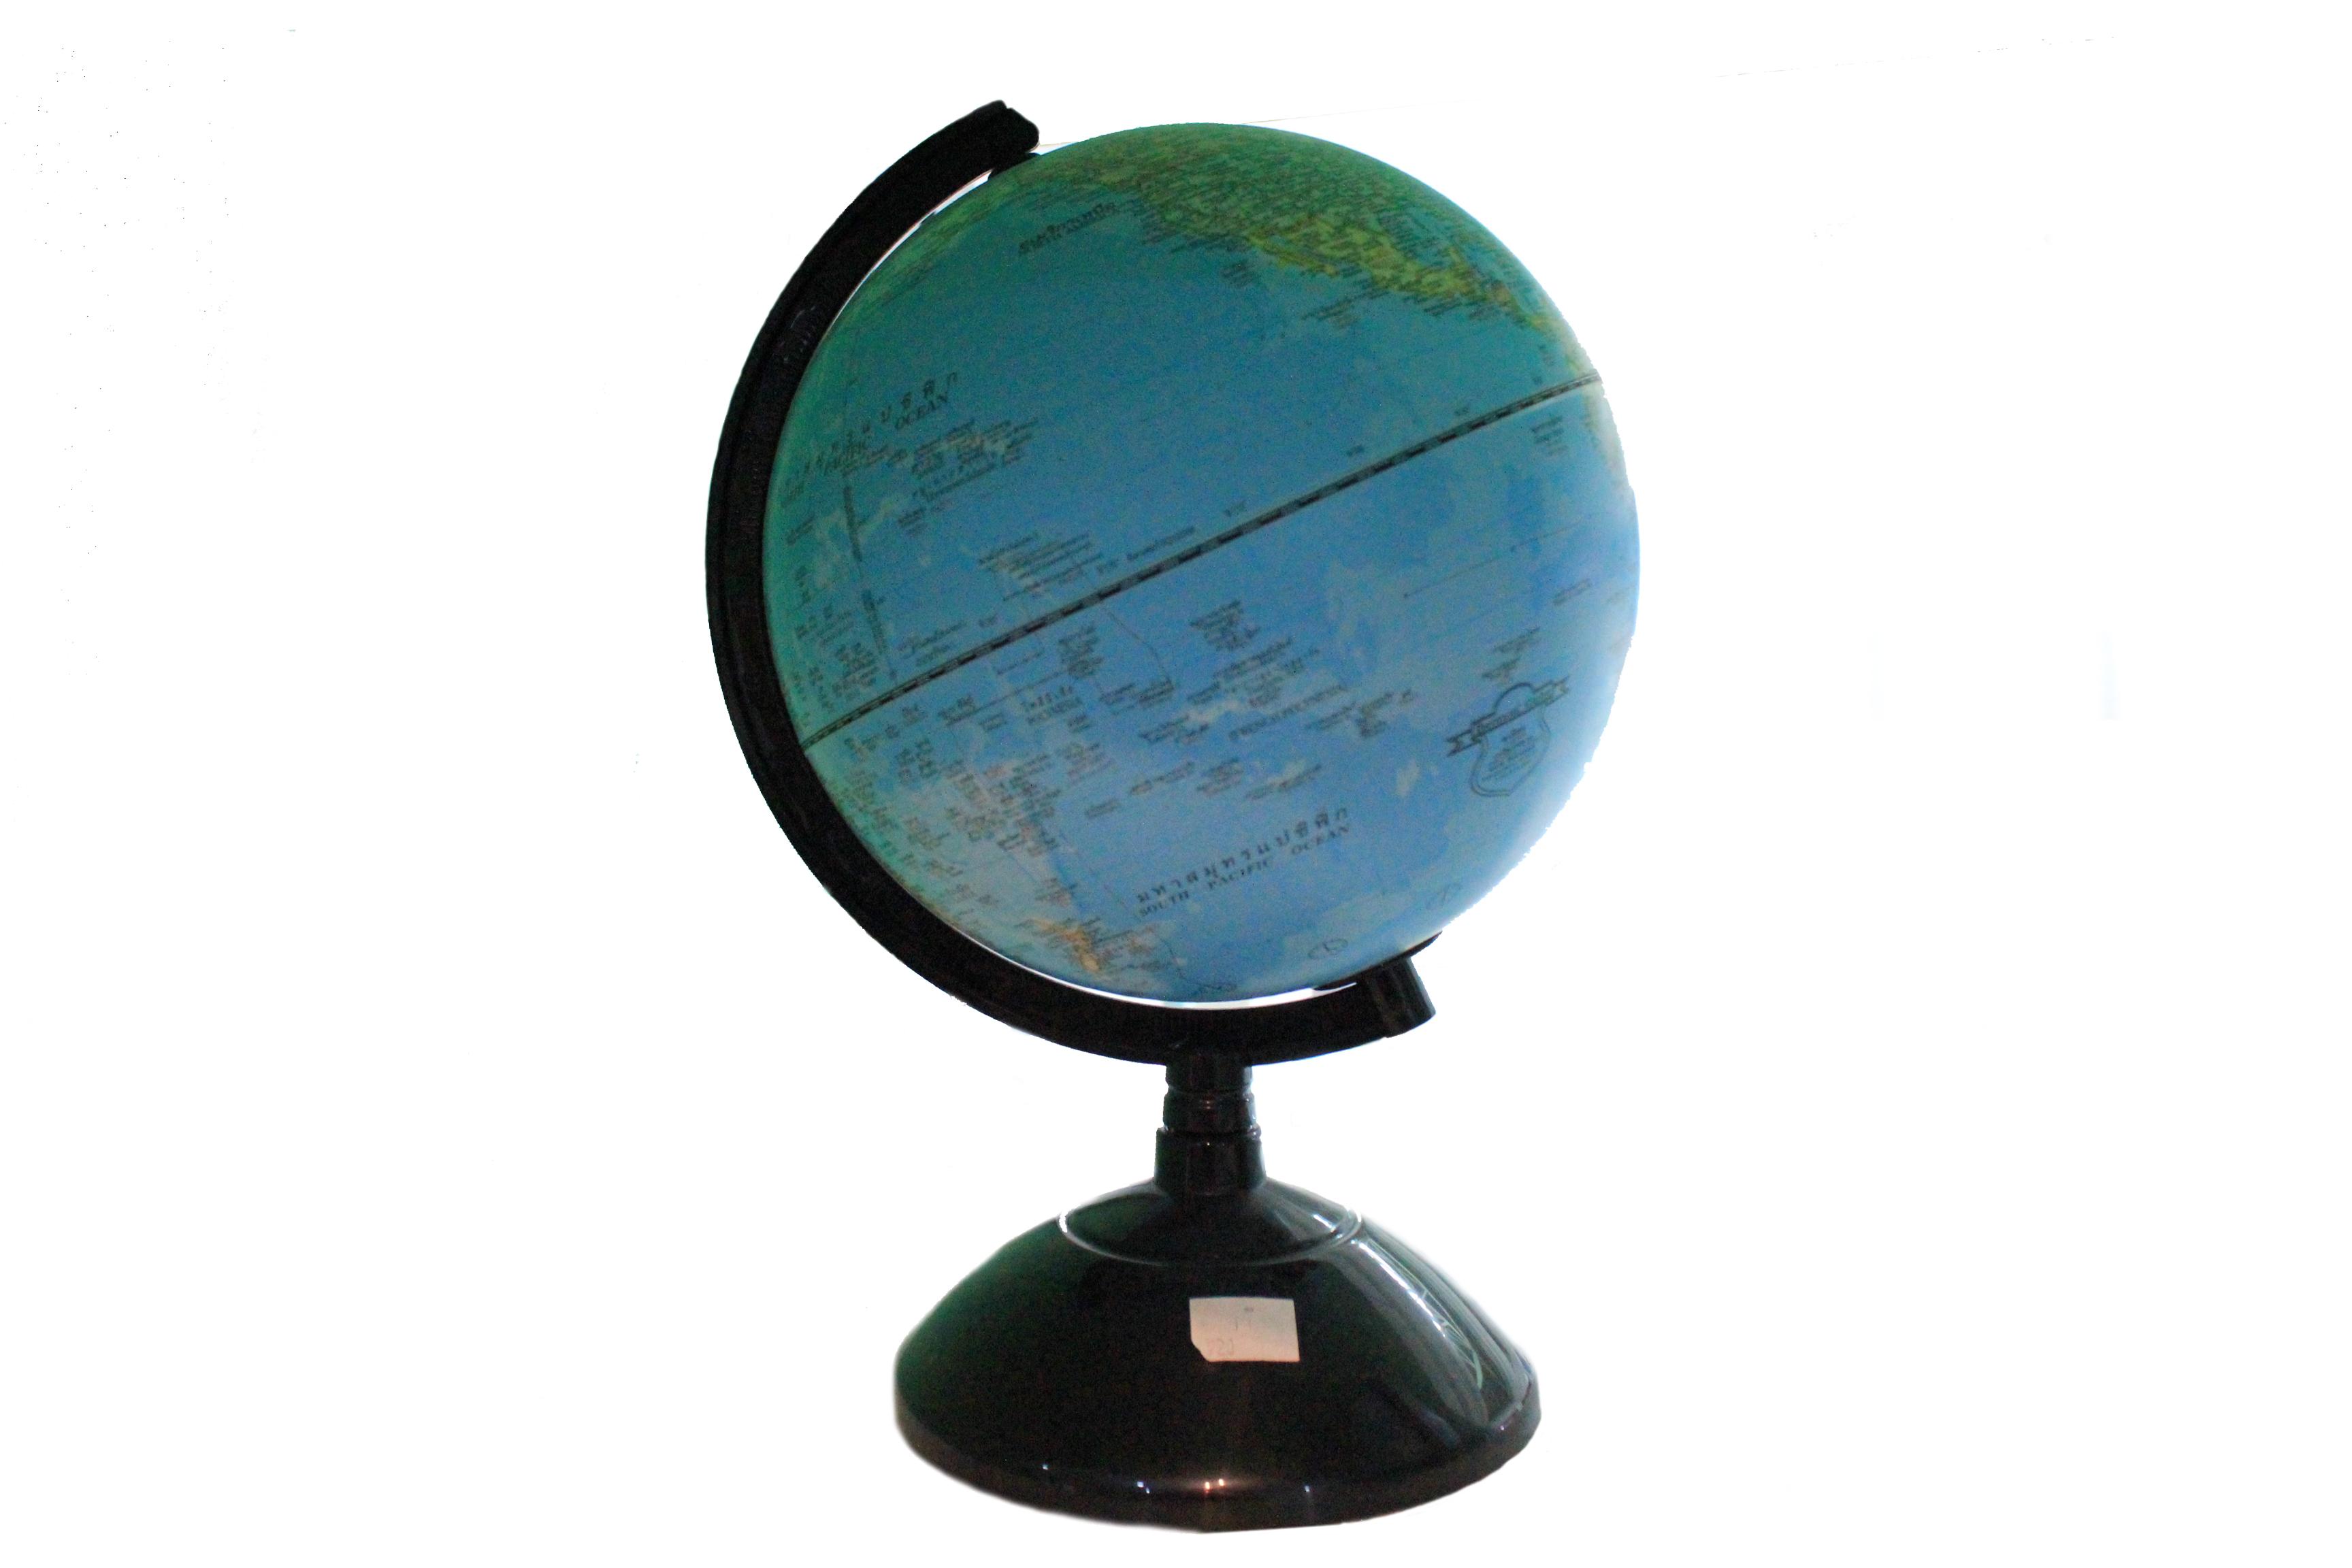 ลูกโลกขนาดเส้นผ่าศูนย์กลาง 10นิ้ว